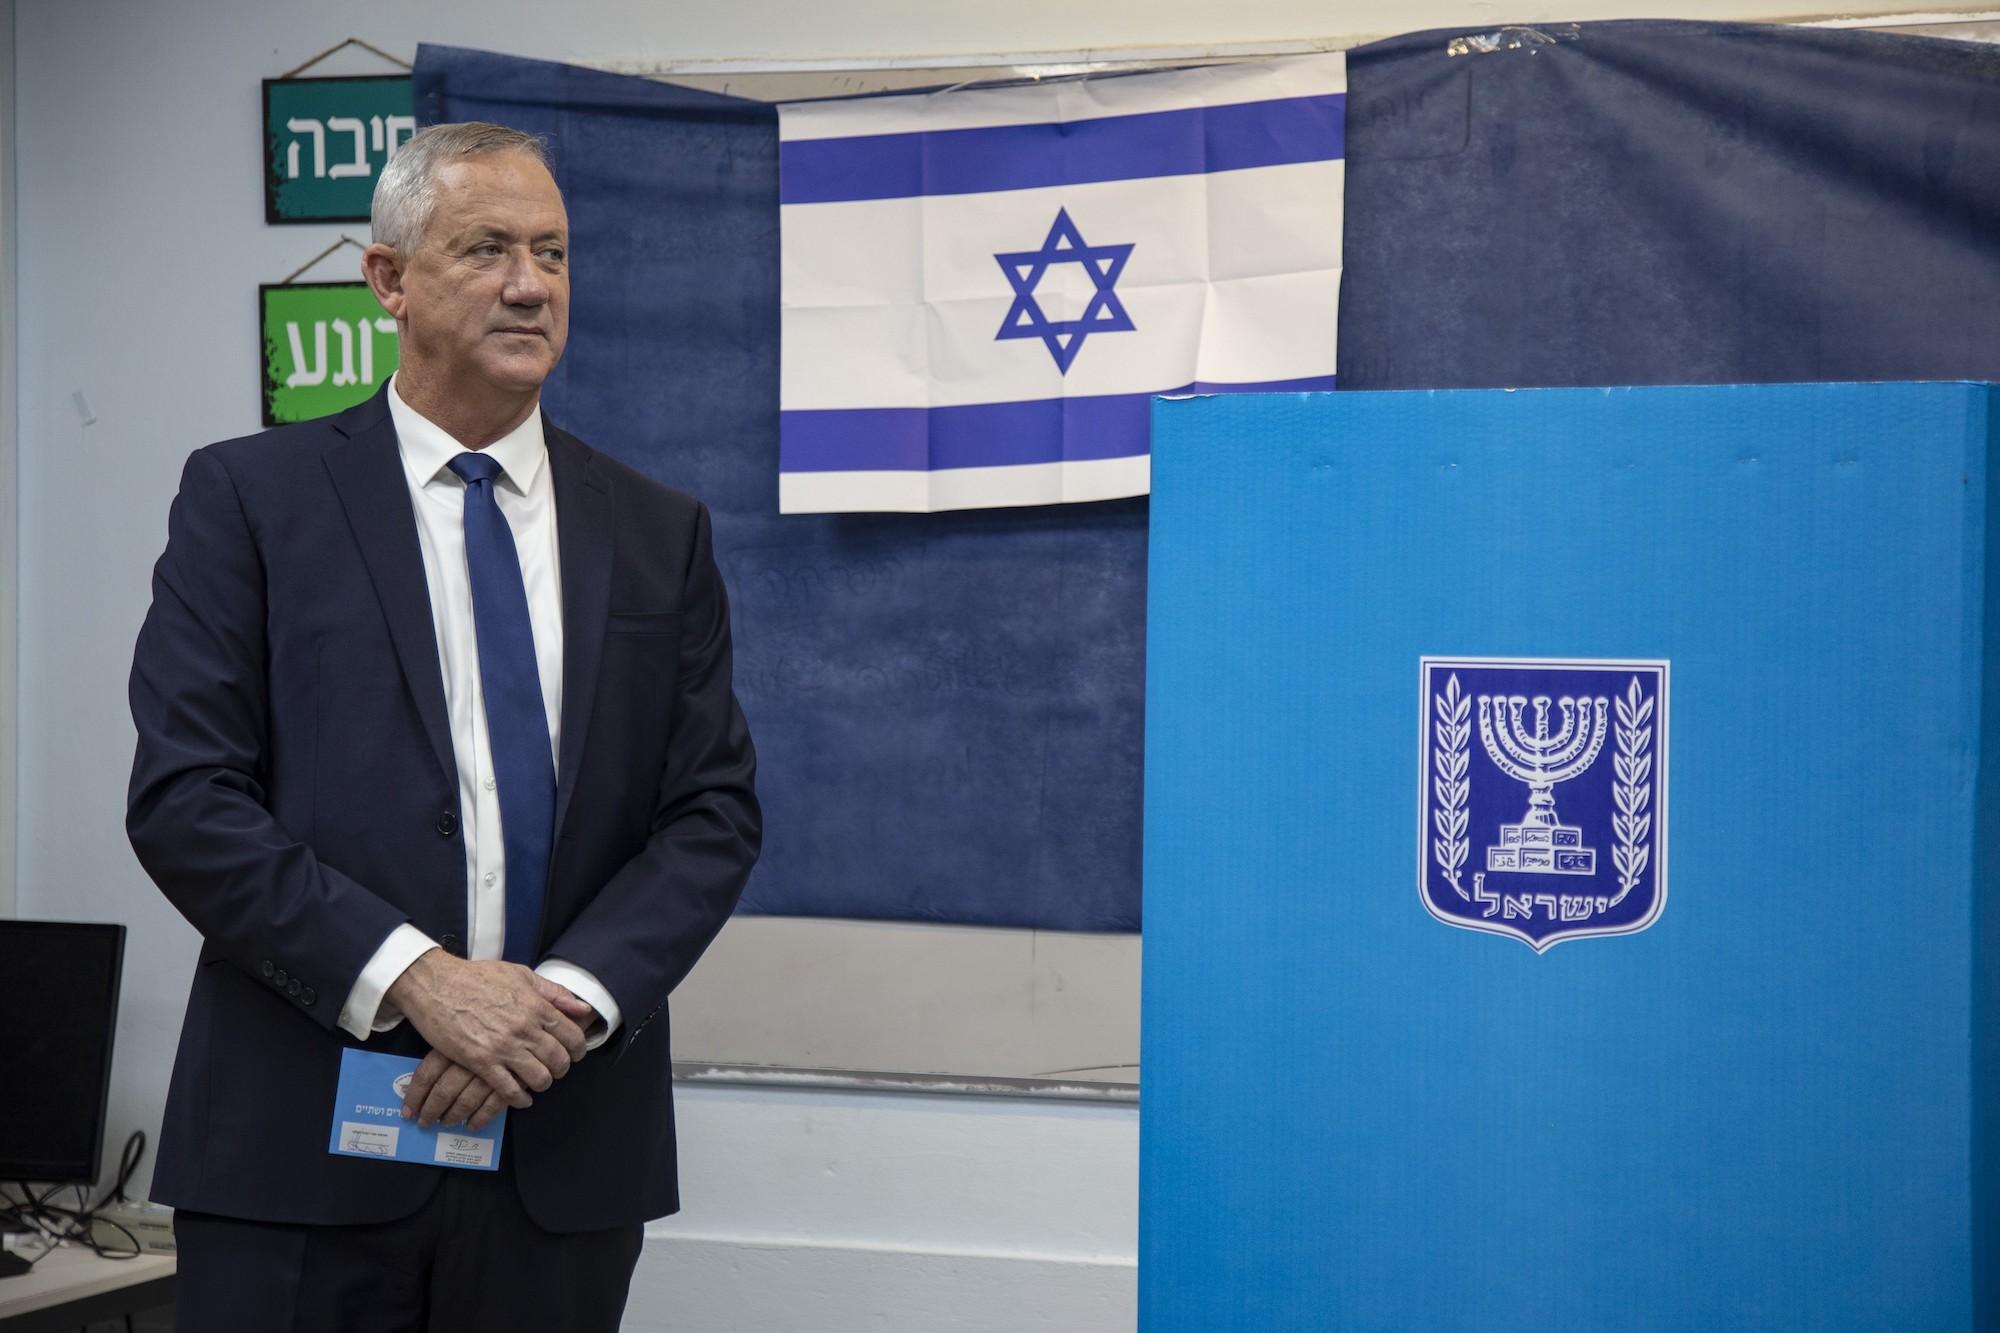 بيني جانتز، المرشح الأبرز ضد نتنياهو في الانتخابات الإسرائيلية